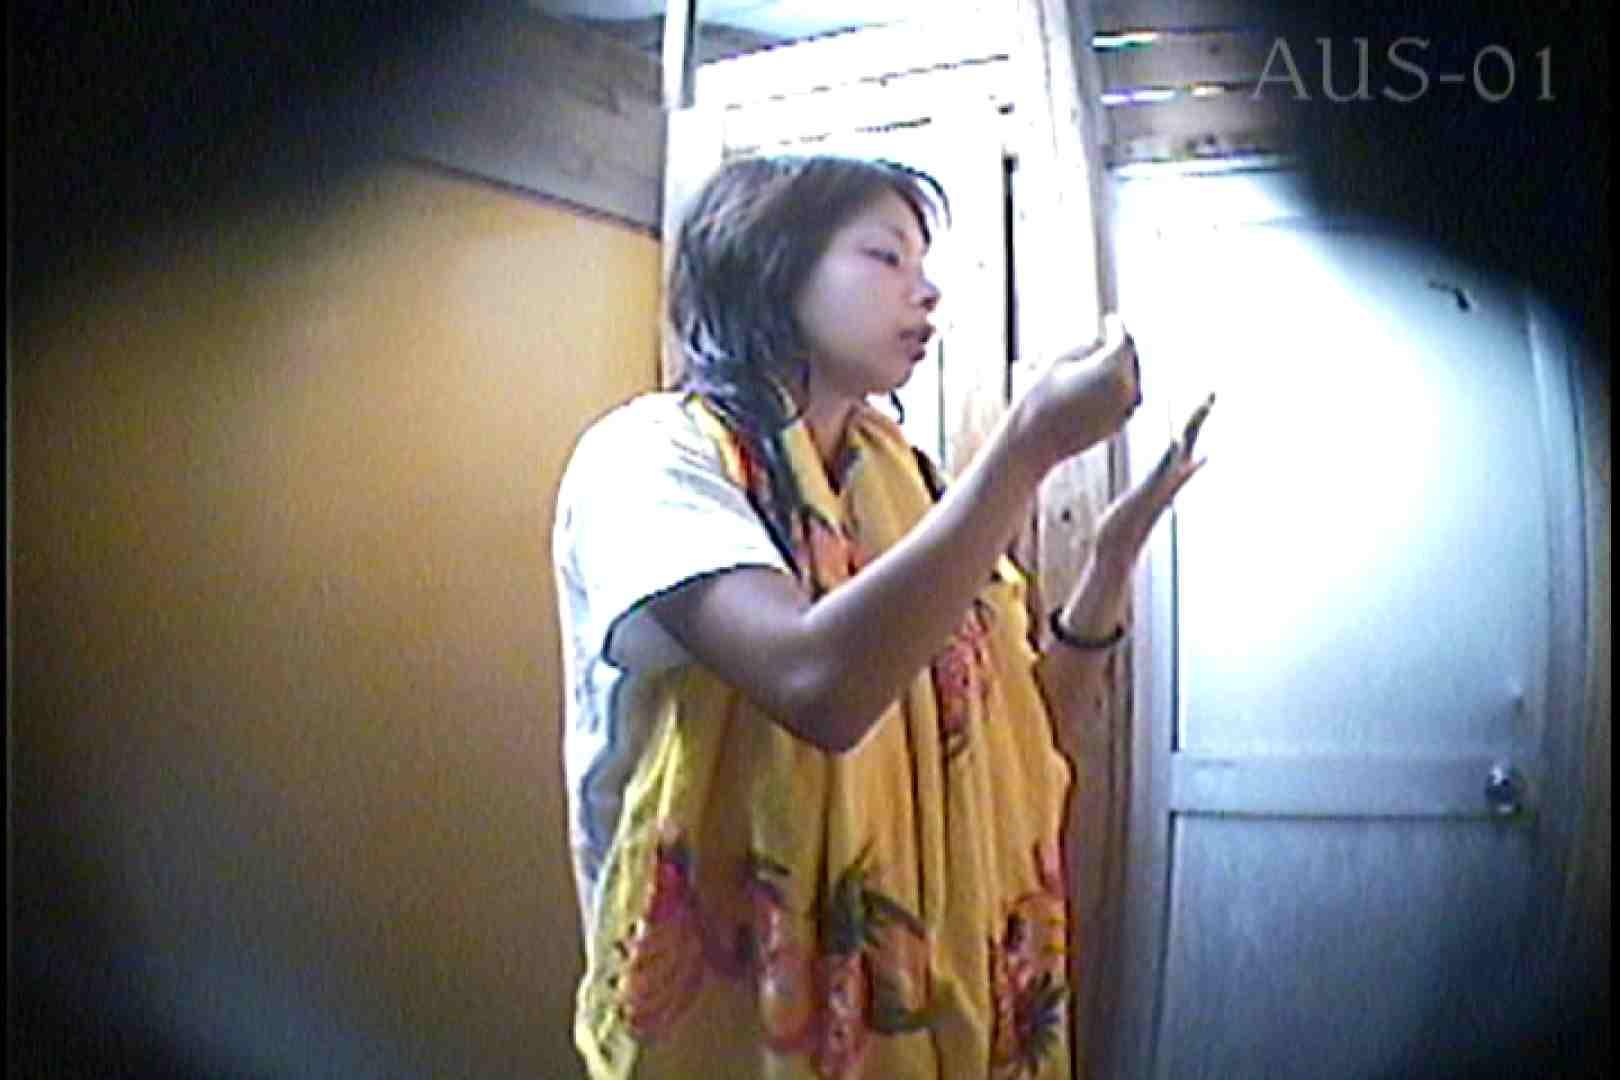 海の家の更衣室 Vol.01 美女のボディ セックス画像 105PIX 14